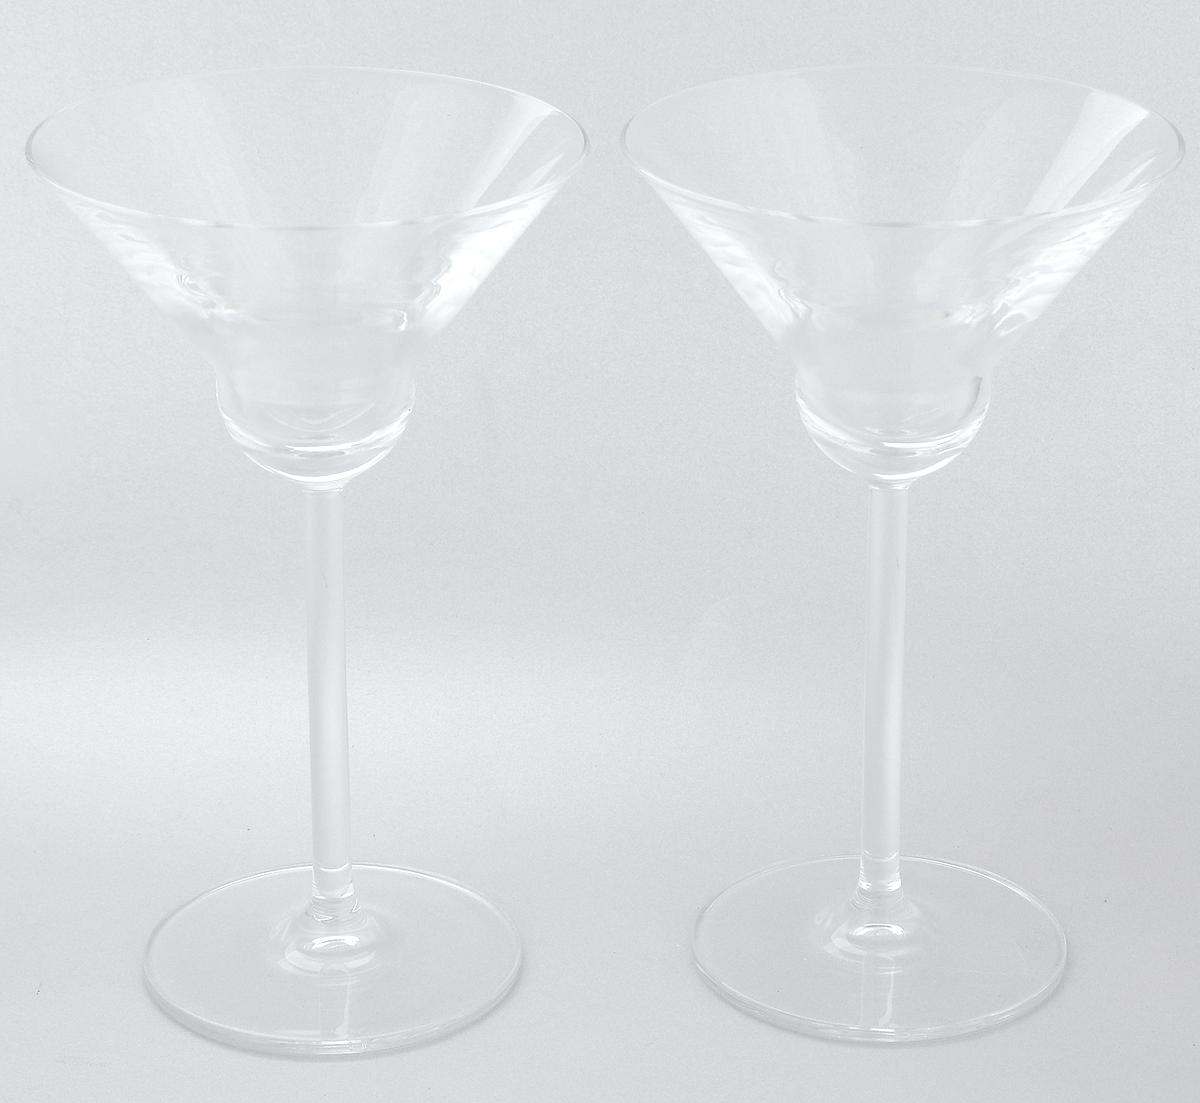 Набор бокалов Pasabahce Fusion, 190 мл, 2 шт67012NНабор Pasabahce Fusion состоит из двух бокалов, выполненных из прочного стекла. Изделия оснащены невысокими изящными ножками, отлично подходят для подачи коктейлей, мартини и других напитков. Бокалы сочетают в себе элегантный дизайн и функциональность. Набор бокалов Pasabahce Fusion прекрасно оформит праздничный стол и создаст приятную атмосферу за ужином. Такой набор также станет хорошим подарком к любому случаю. Можно мыть в посудомоечной машине.Диаметр бокала по верхнему краю: 11 см. Высота бокала: 18,2 см.